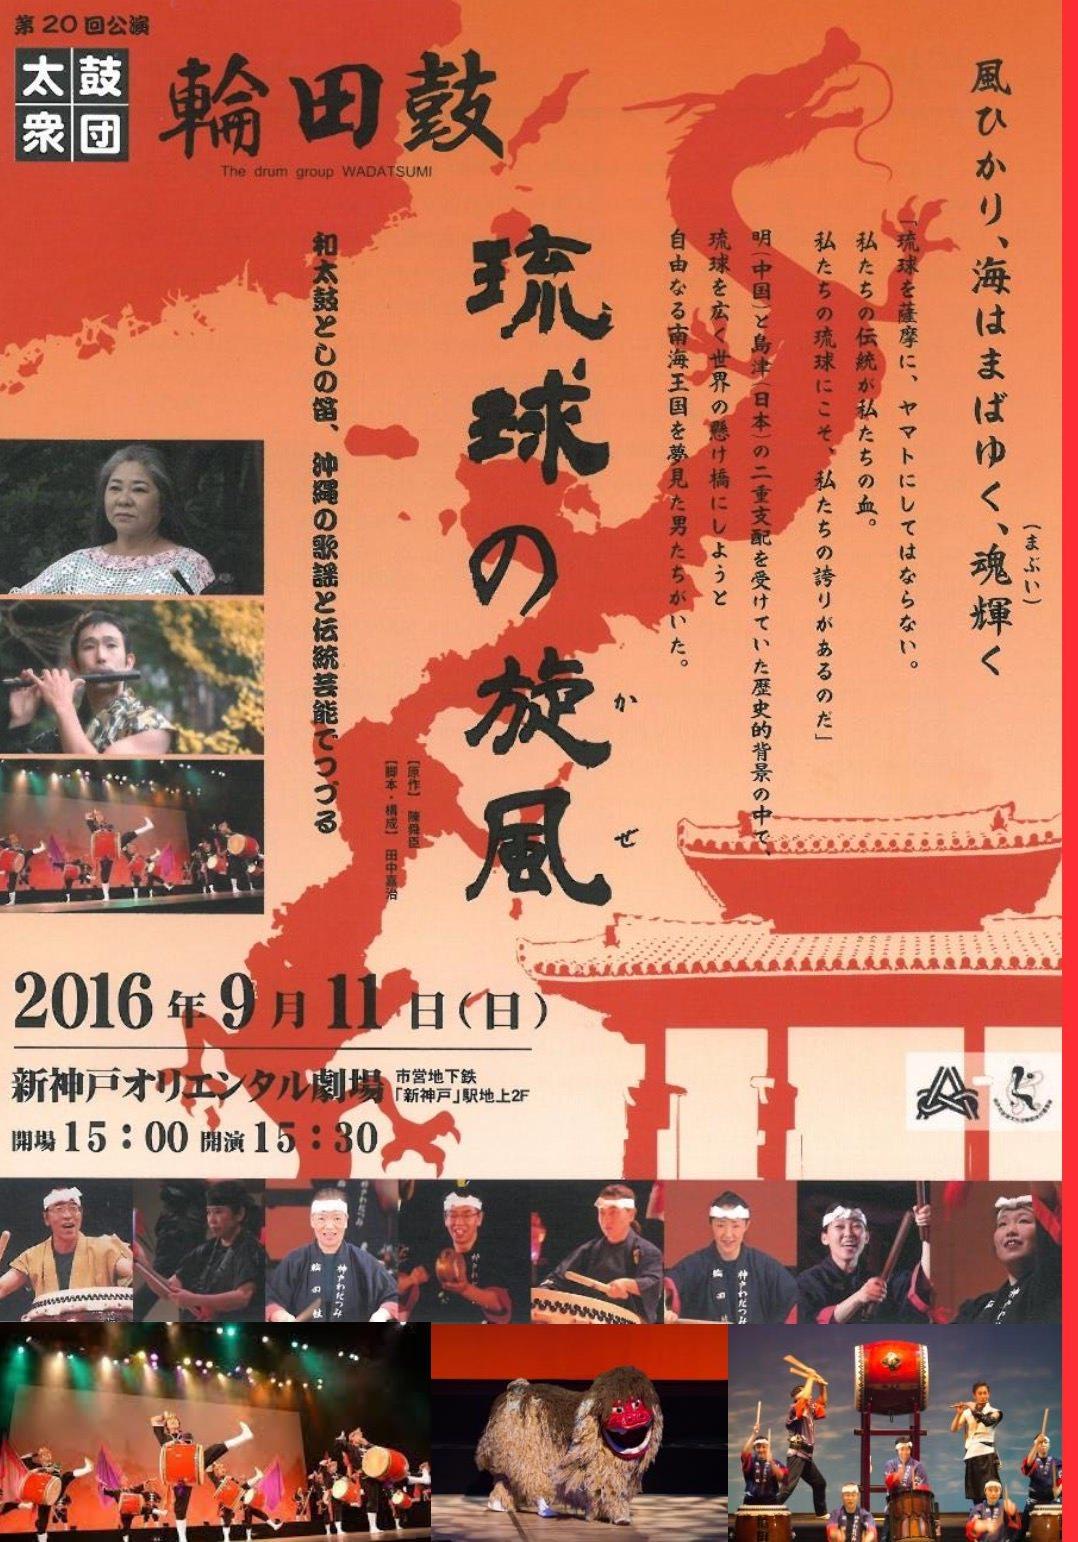 太鼓衆団 輪田鼓「琉球の旋風」(DVD)